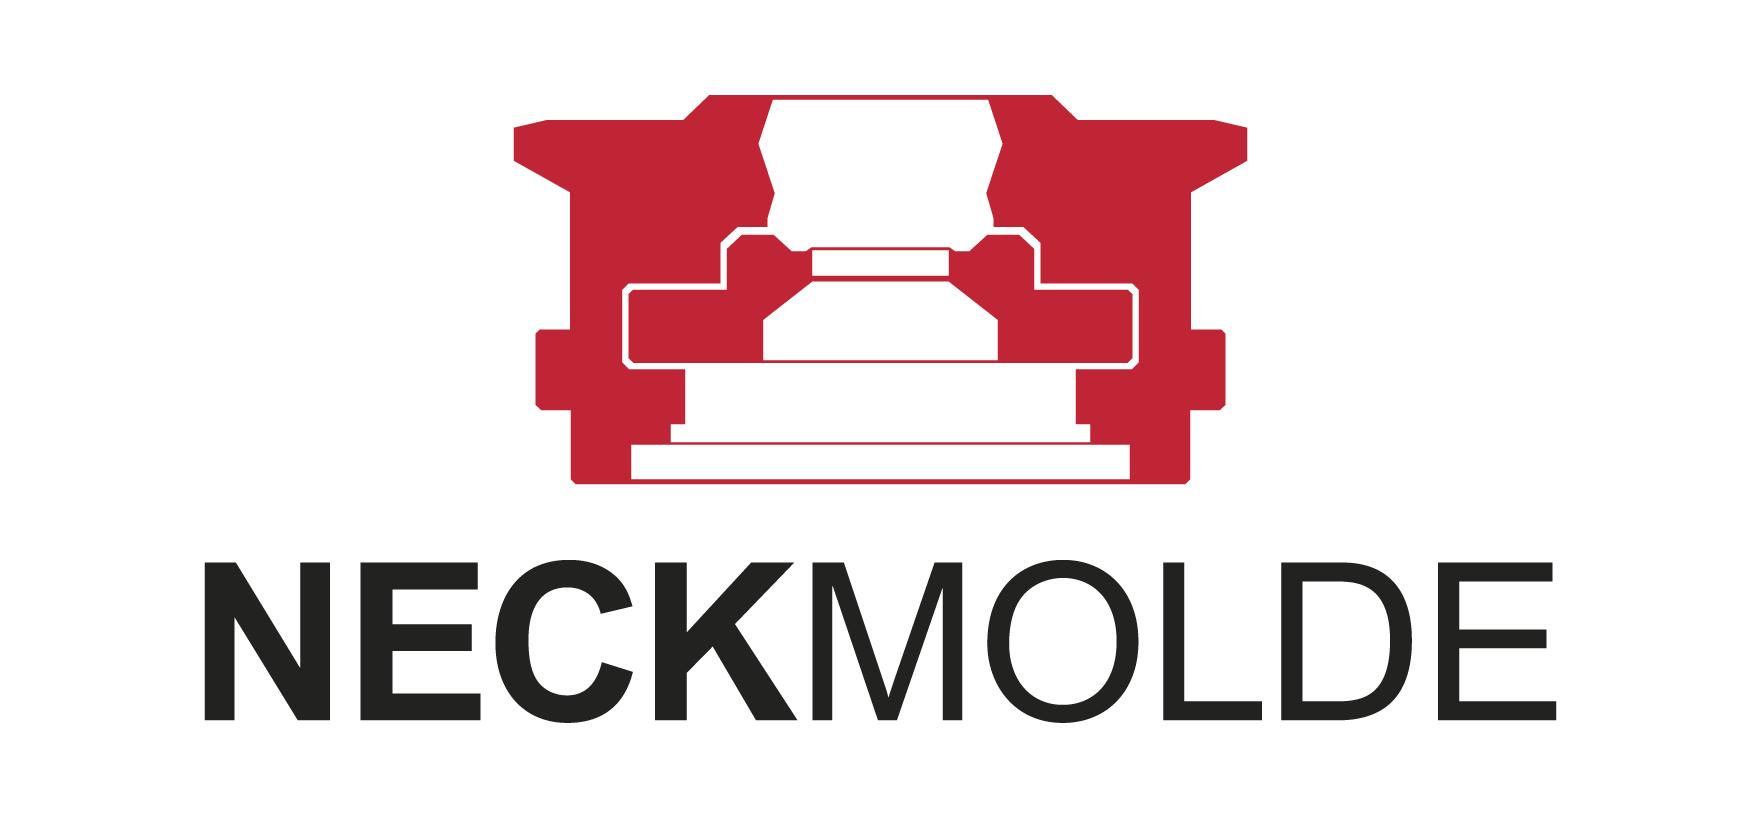 Neckmolde Logo